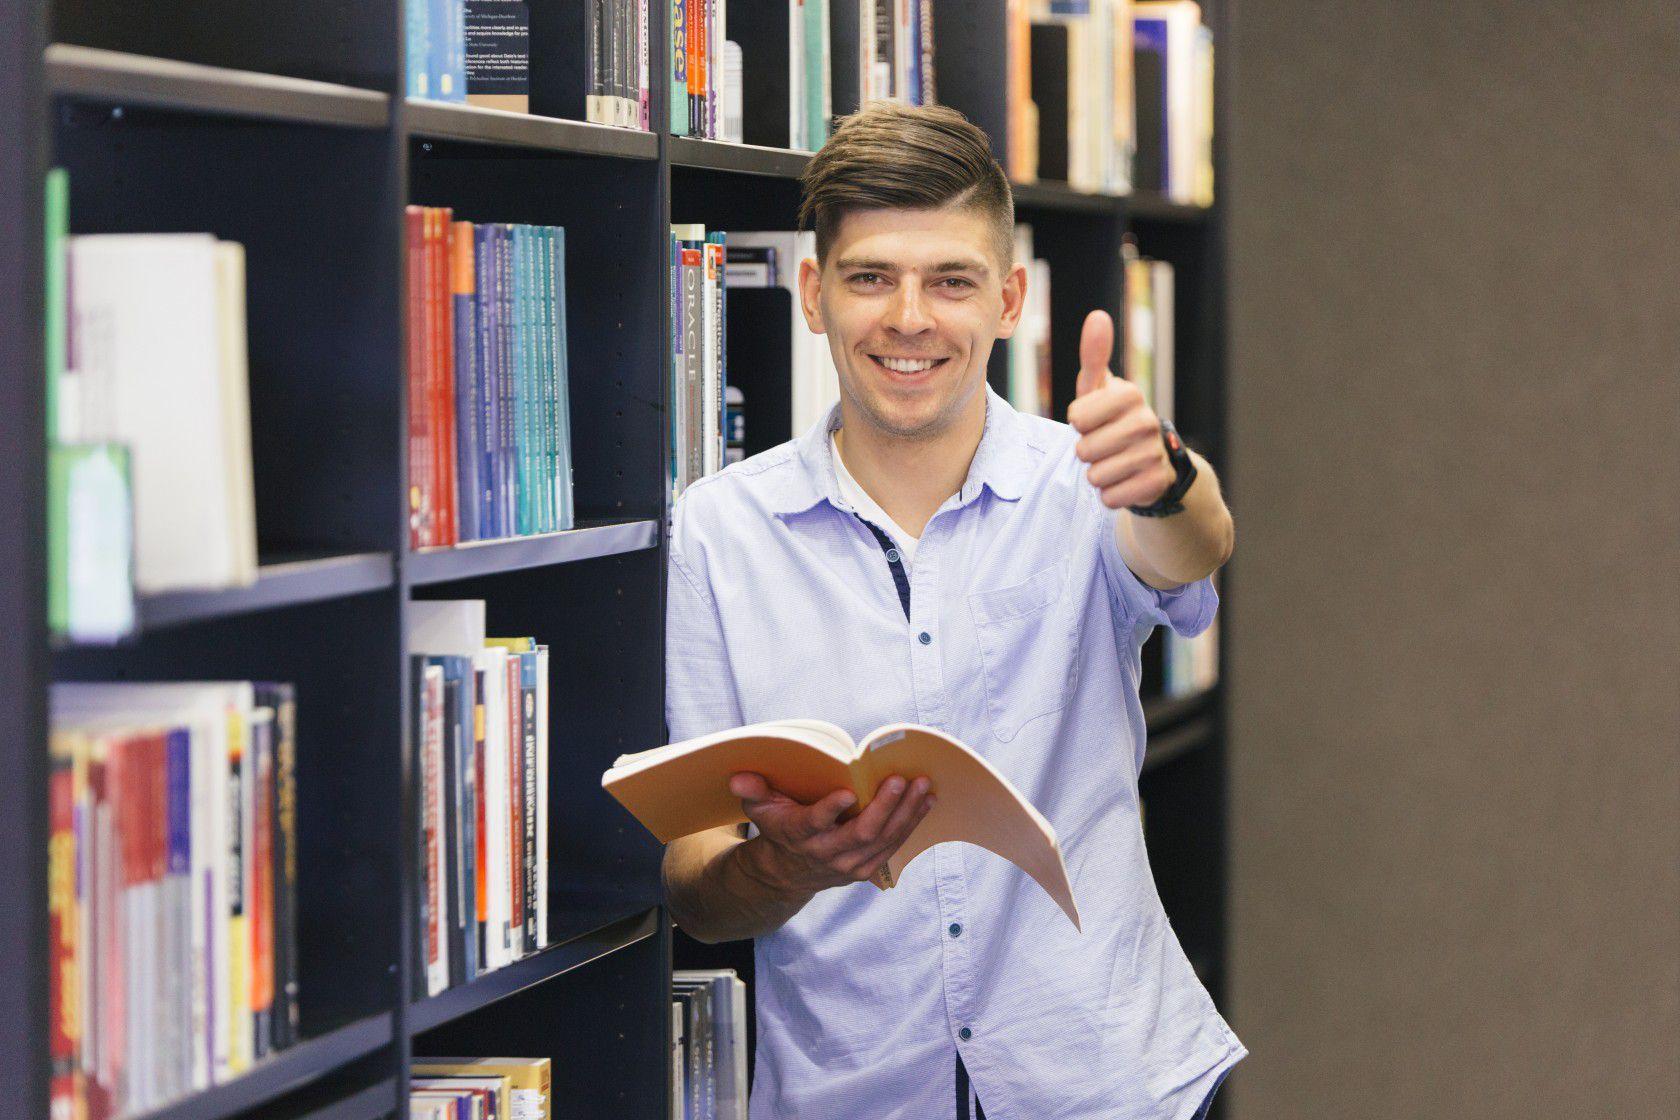 Avustralya'dan alınan ortaokul diplomasının faydaları nelerdir?